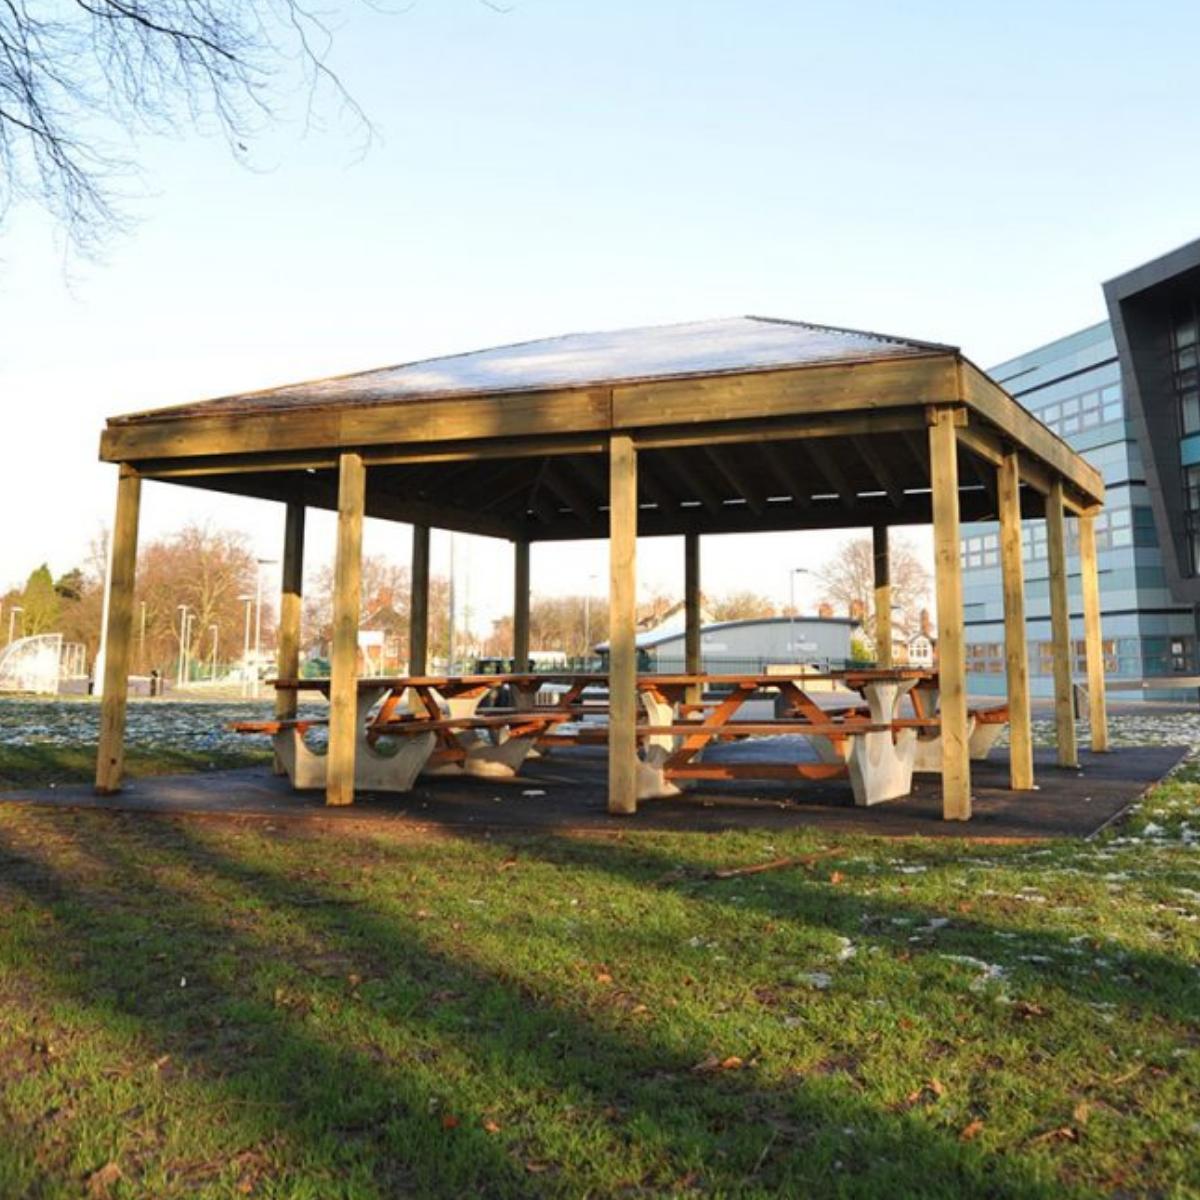 Sunshine Shelter